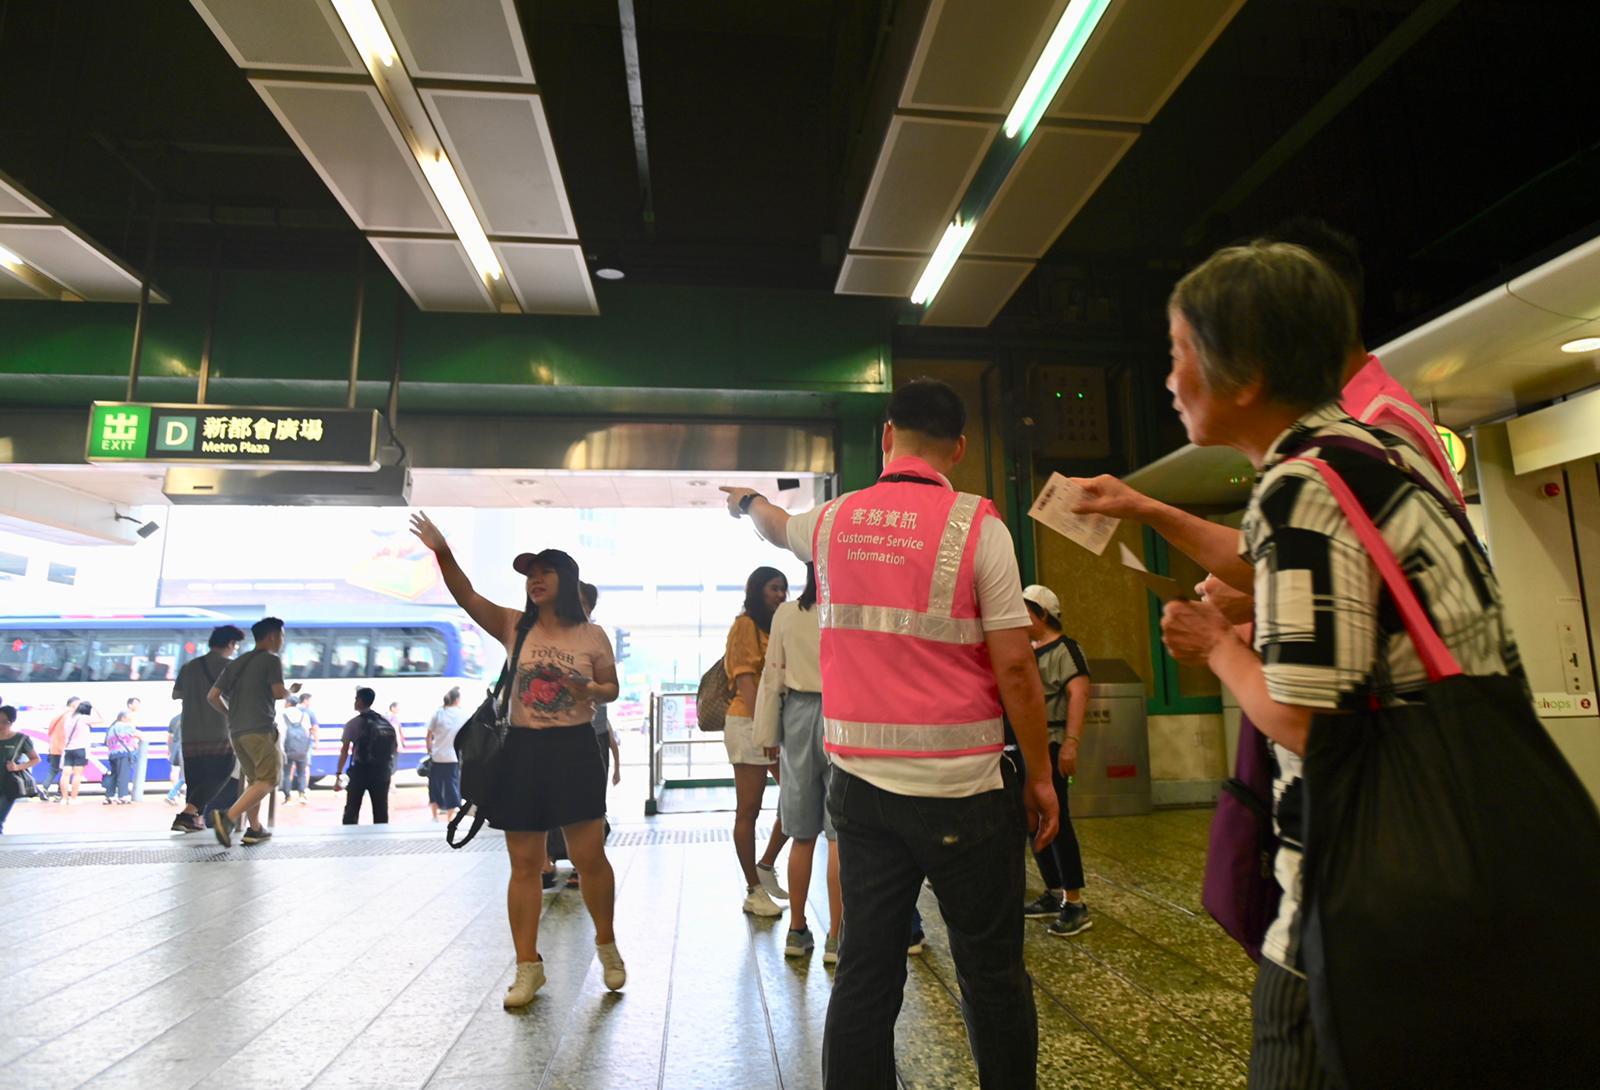 葵芳站早上如常運作。